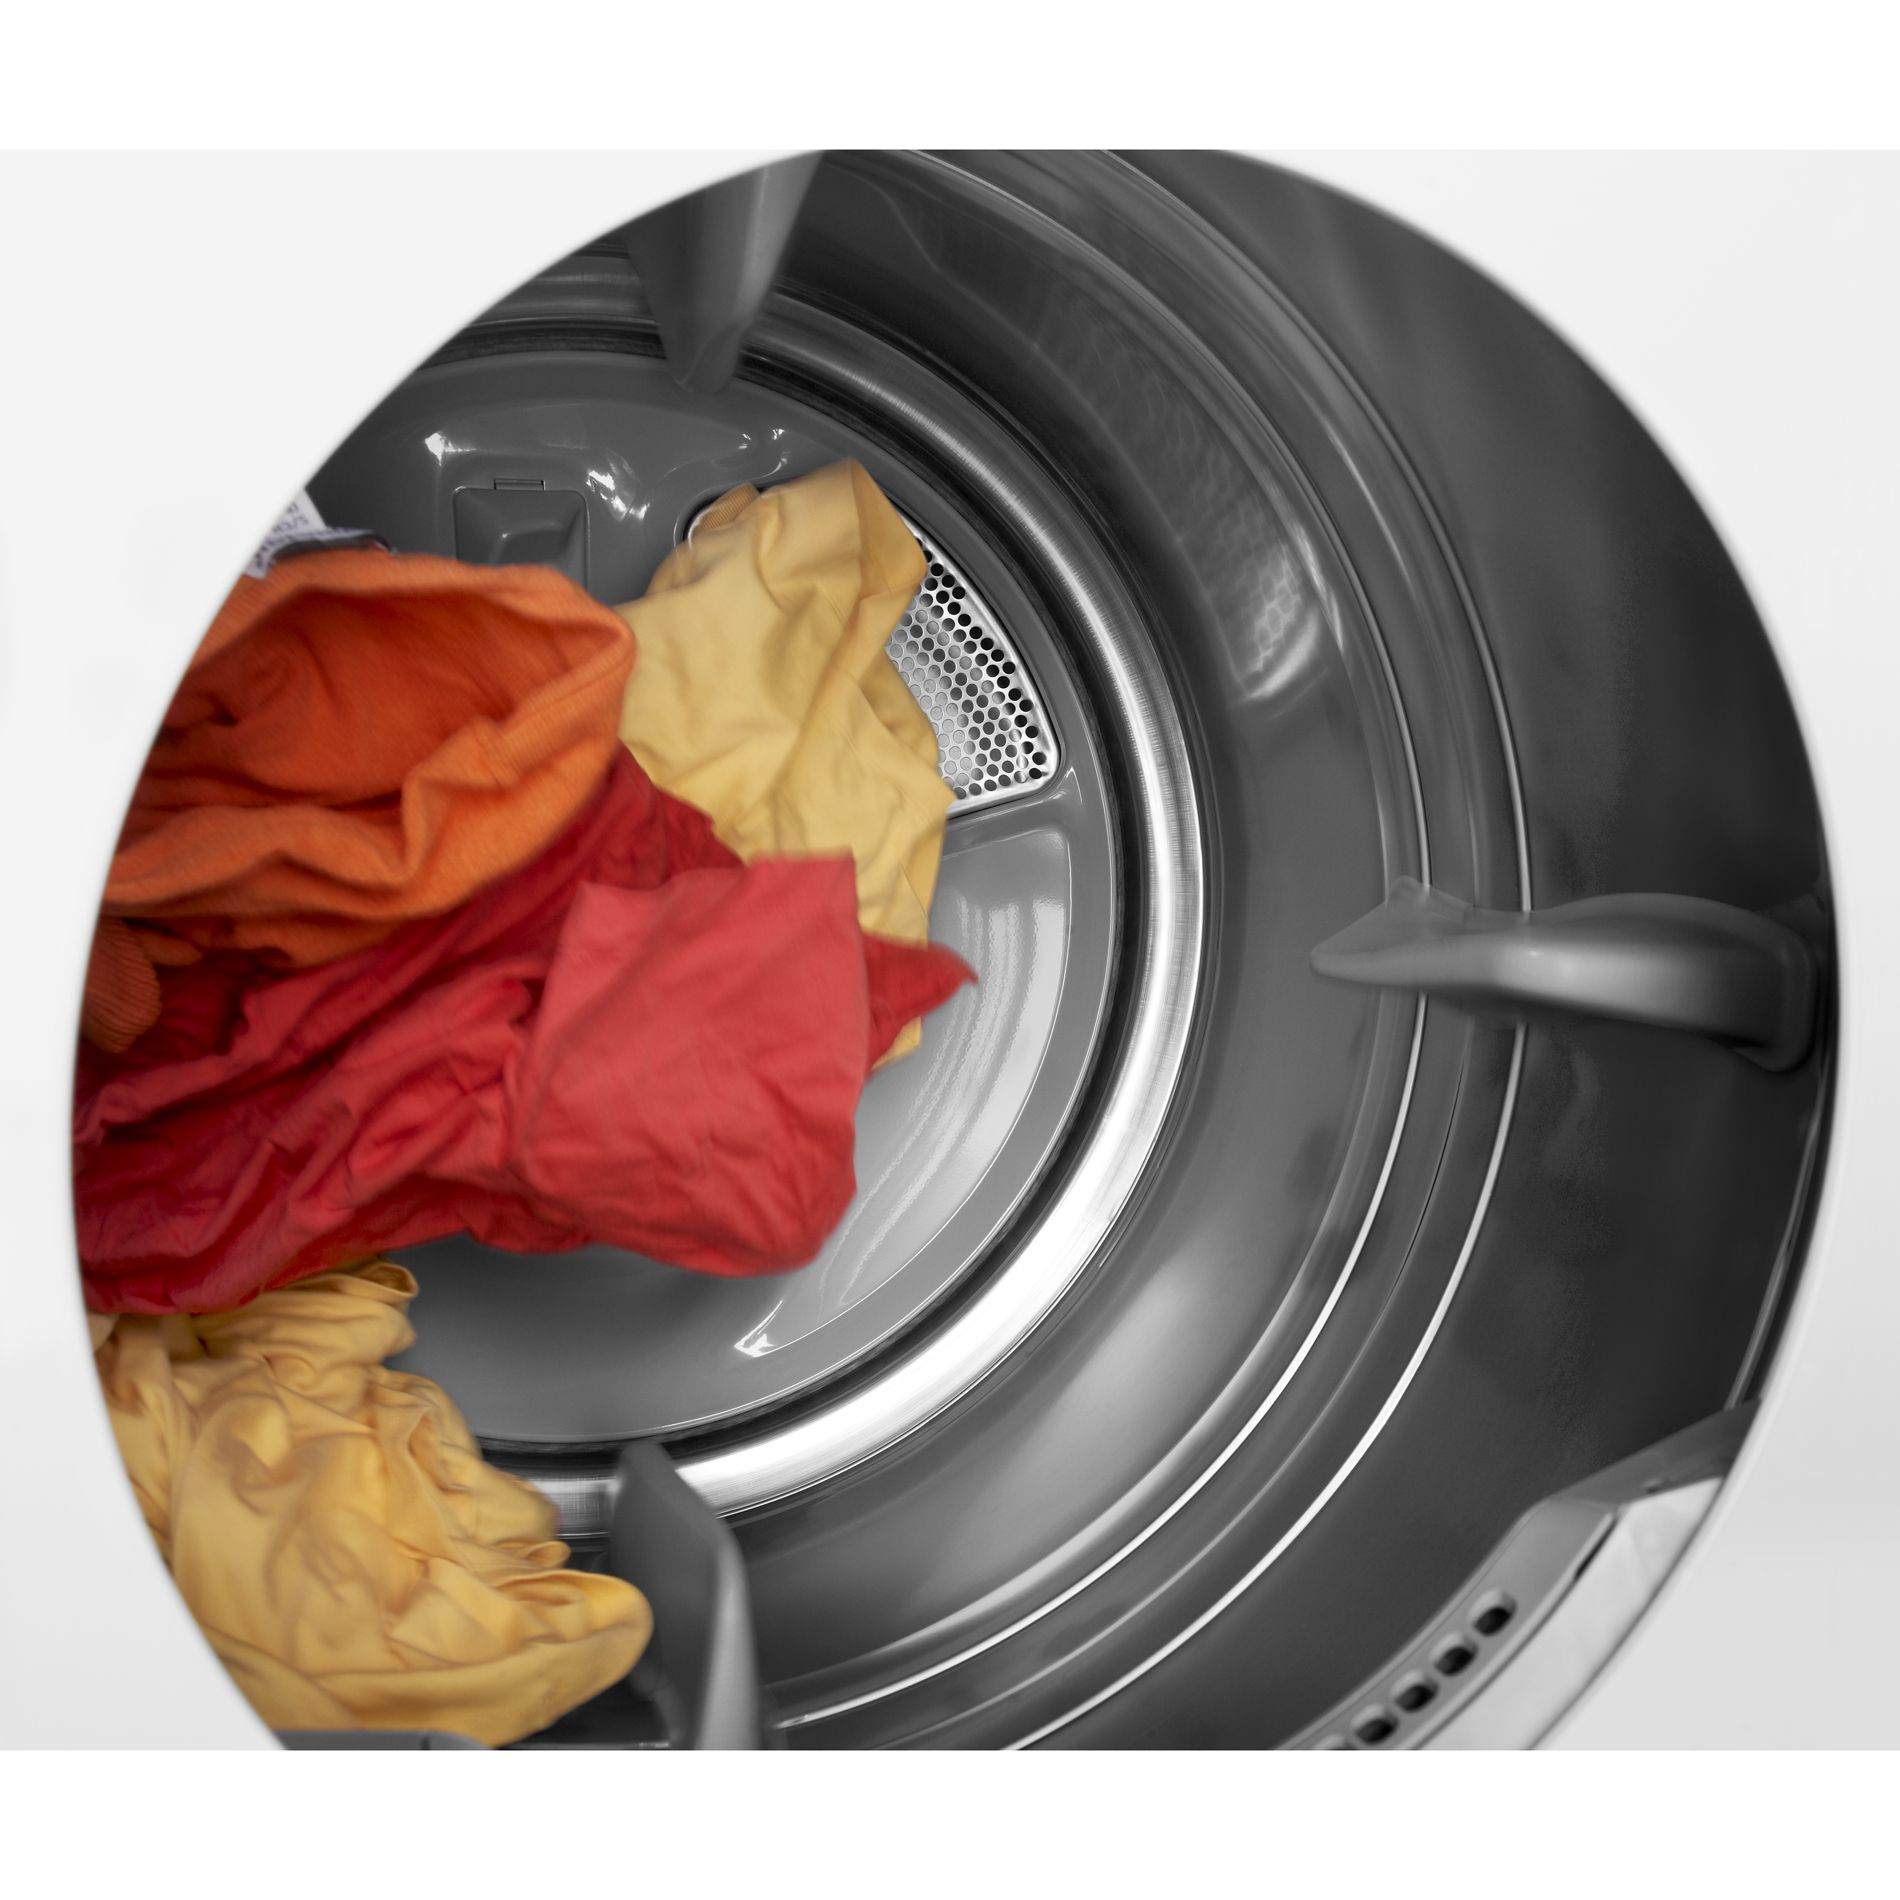 Maytag 7.4 cu. ft.  Electric Dryer